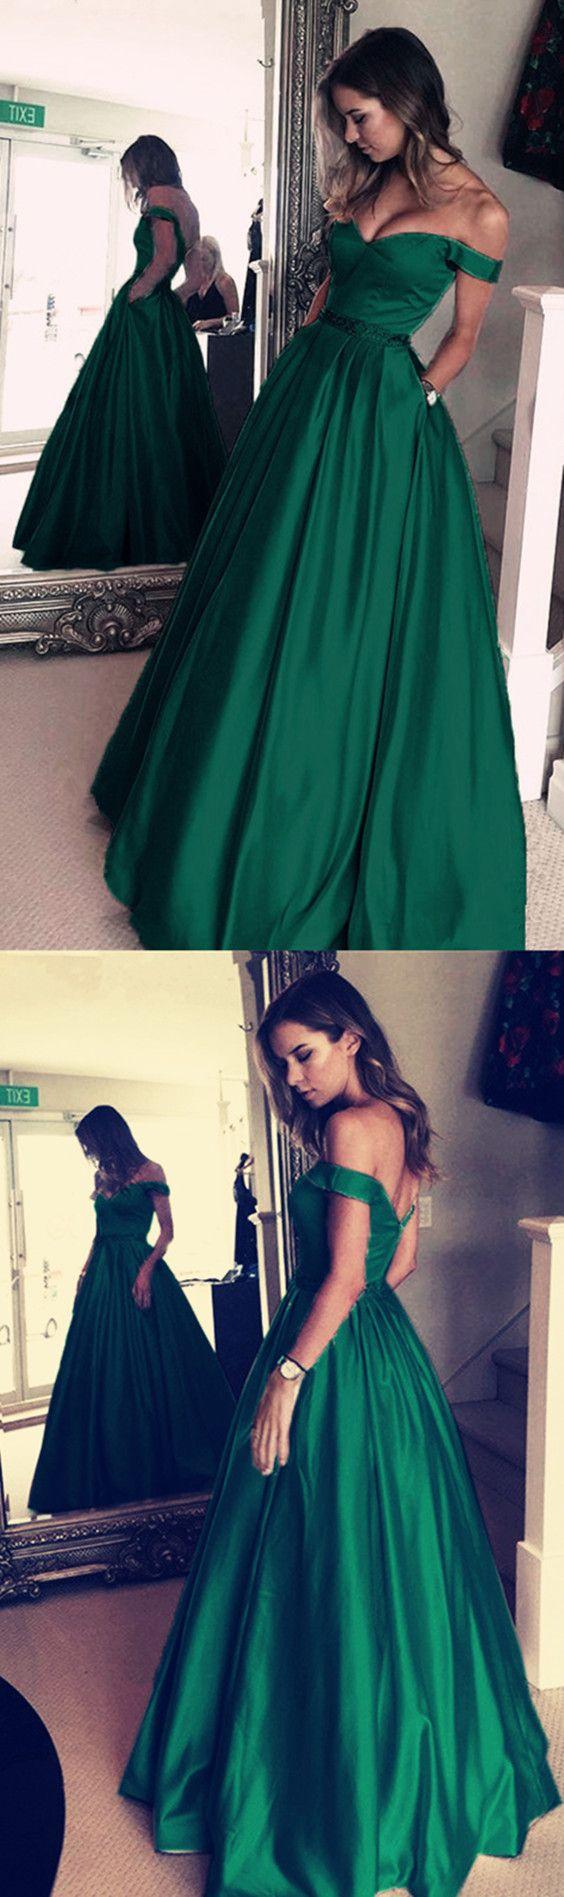 Hunter Green Prom Dressoff Shoulder Evening Dressmb 399 On Storenvy